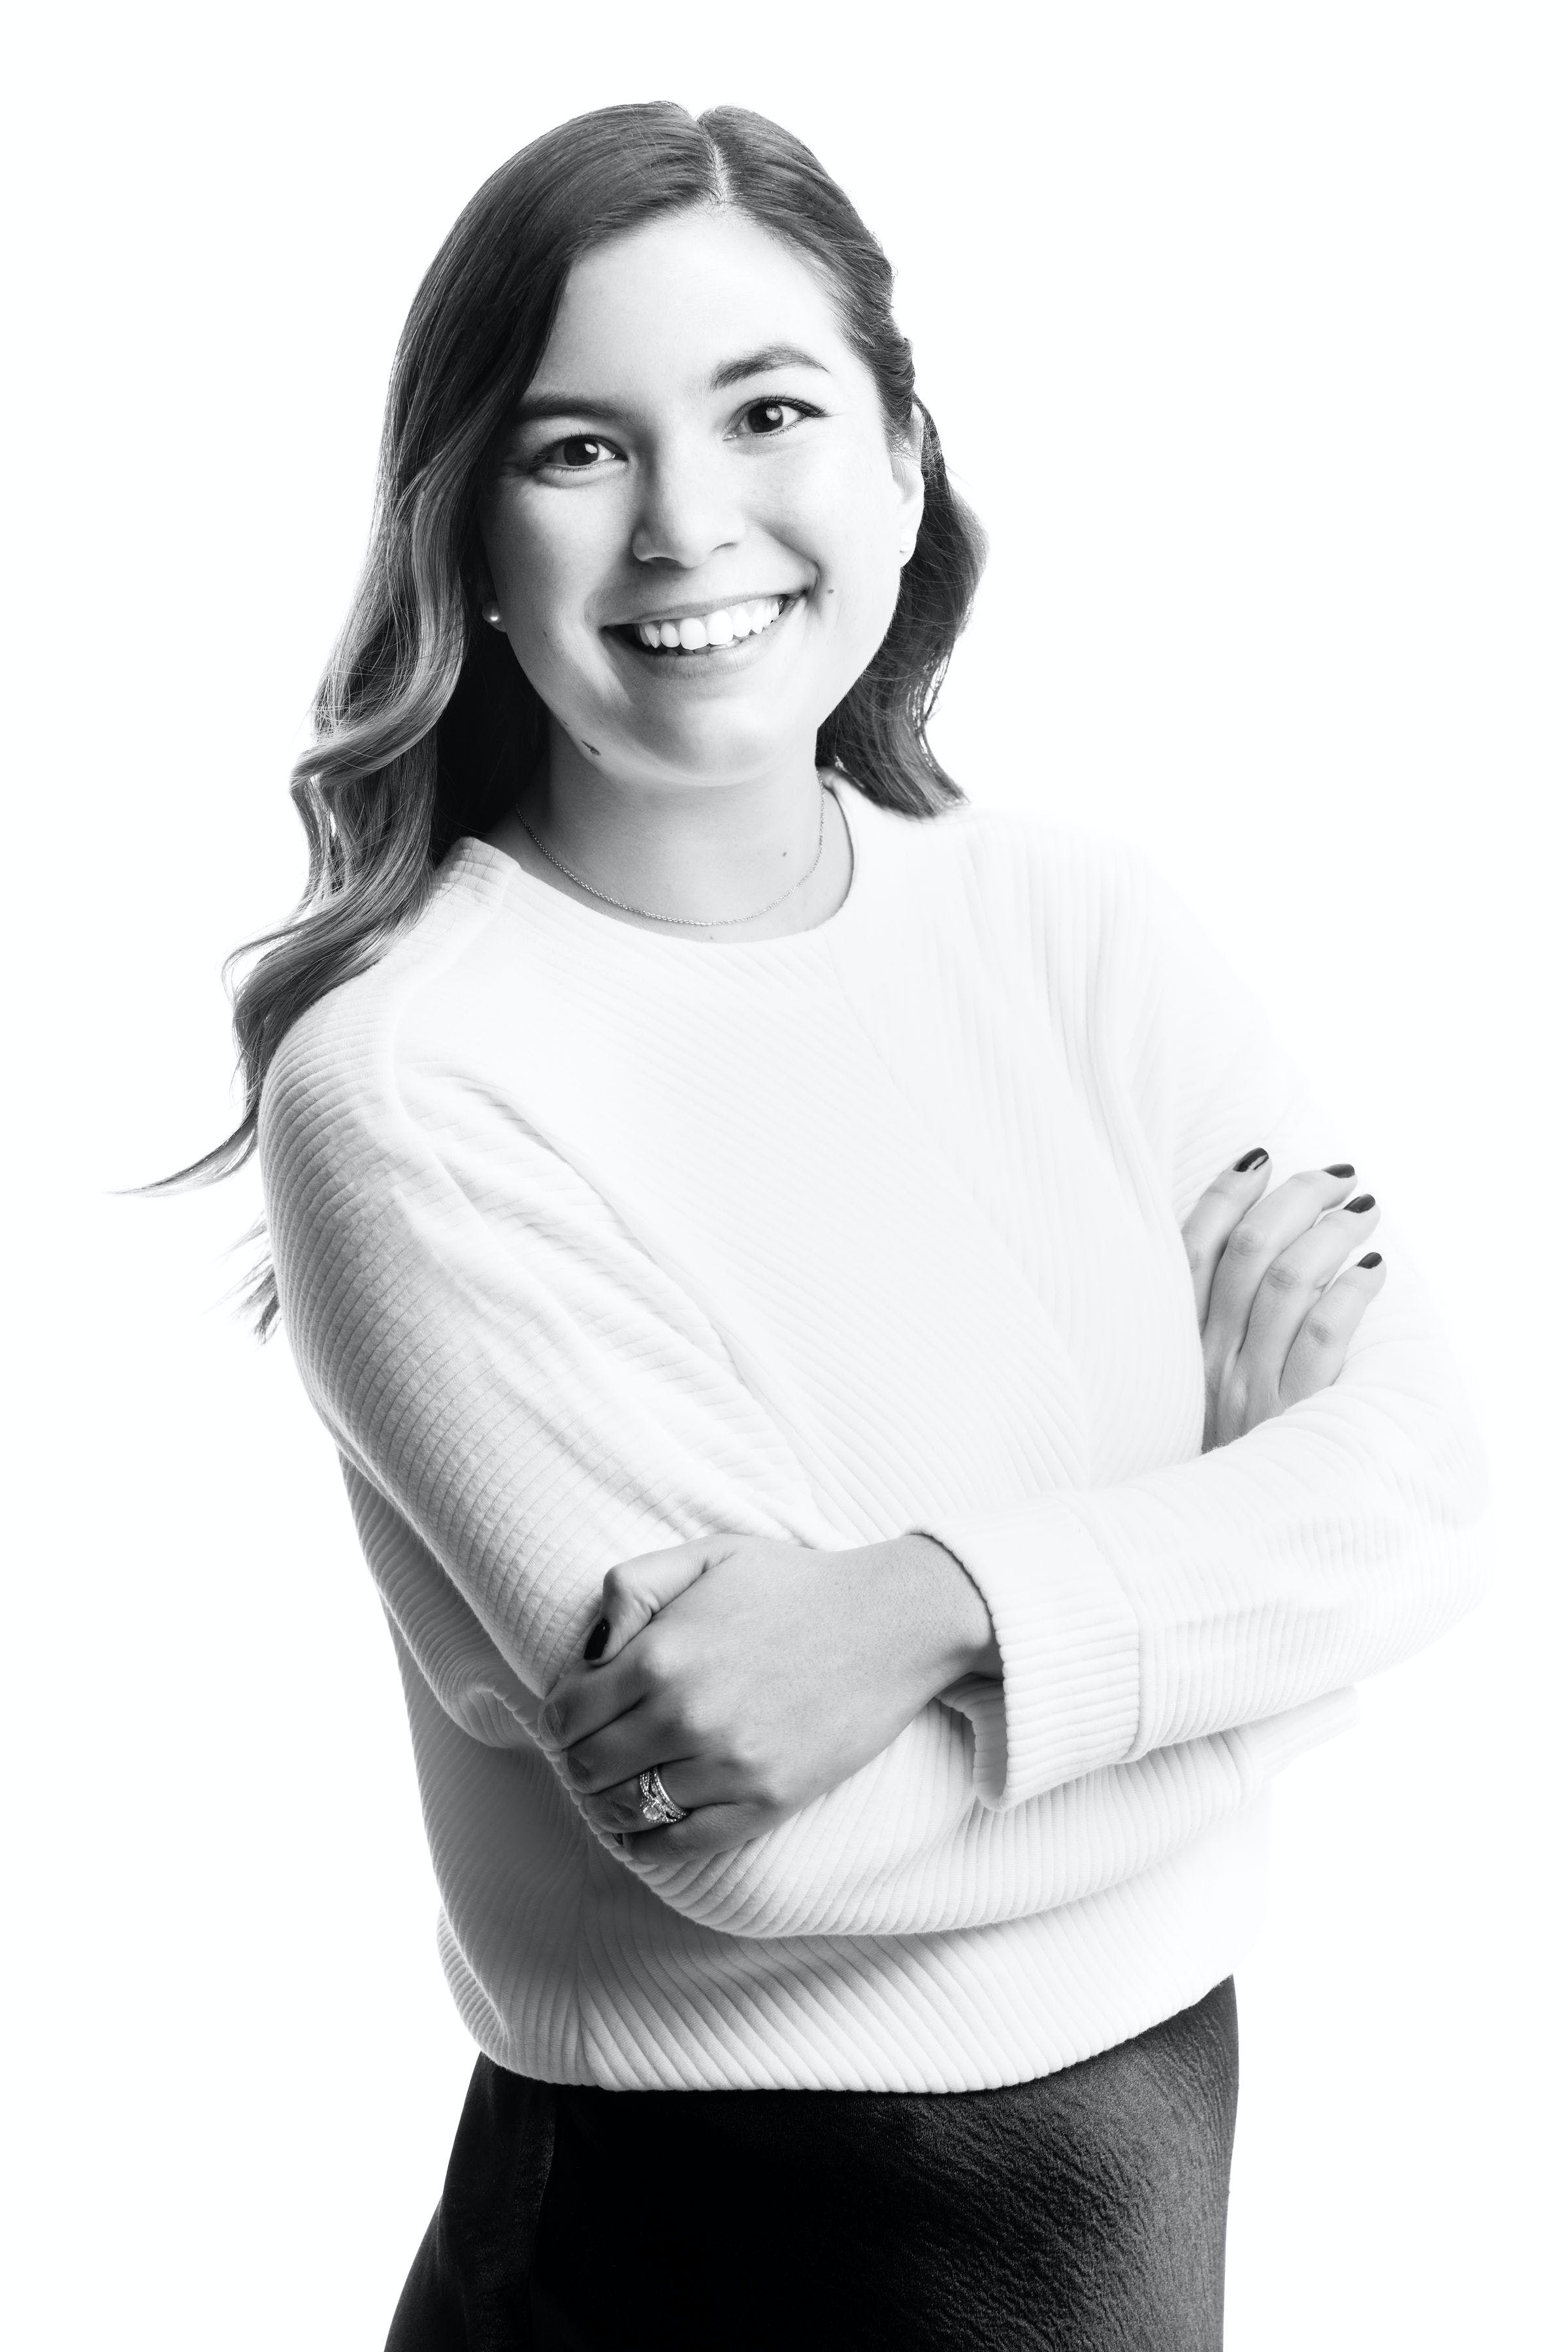 Gina Skarzynski